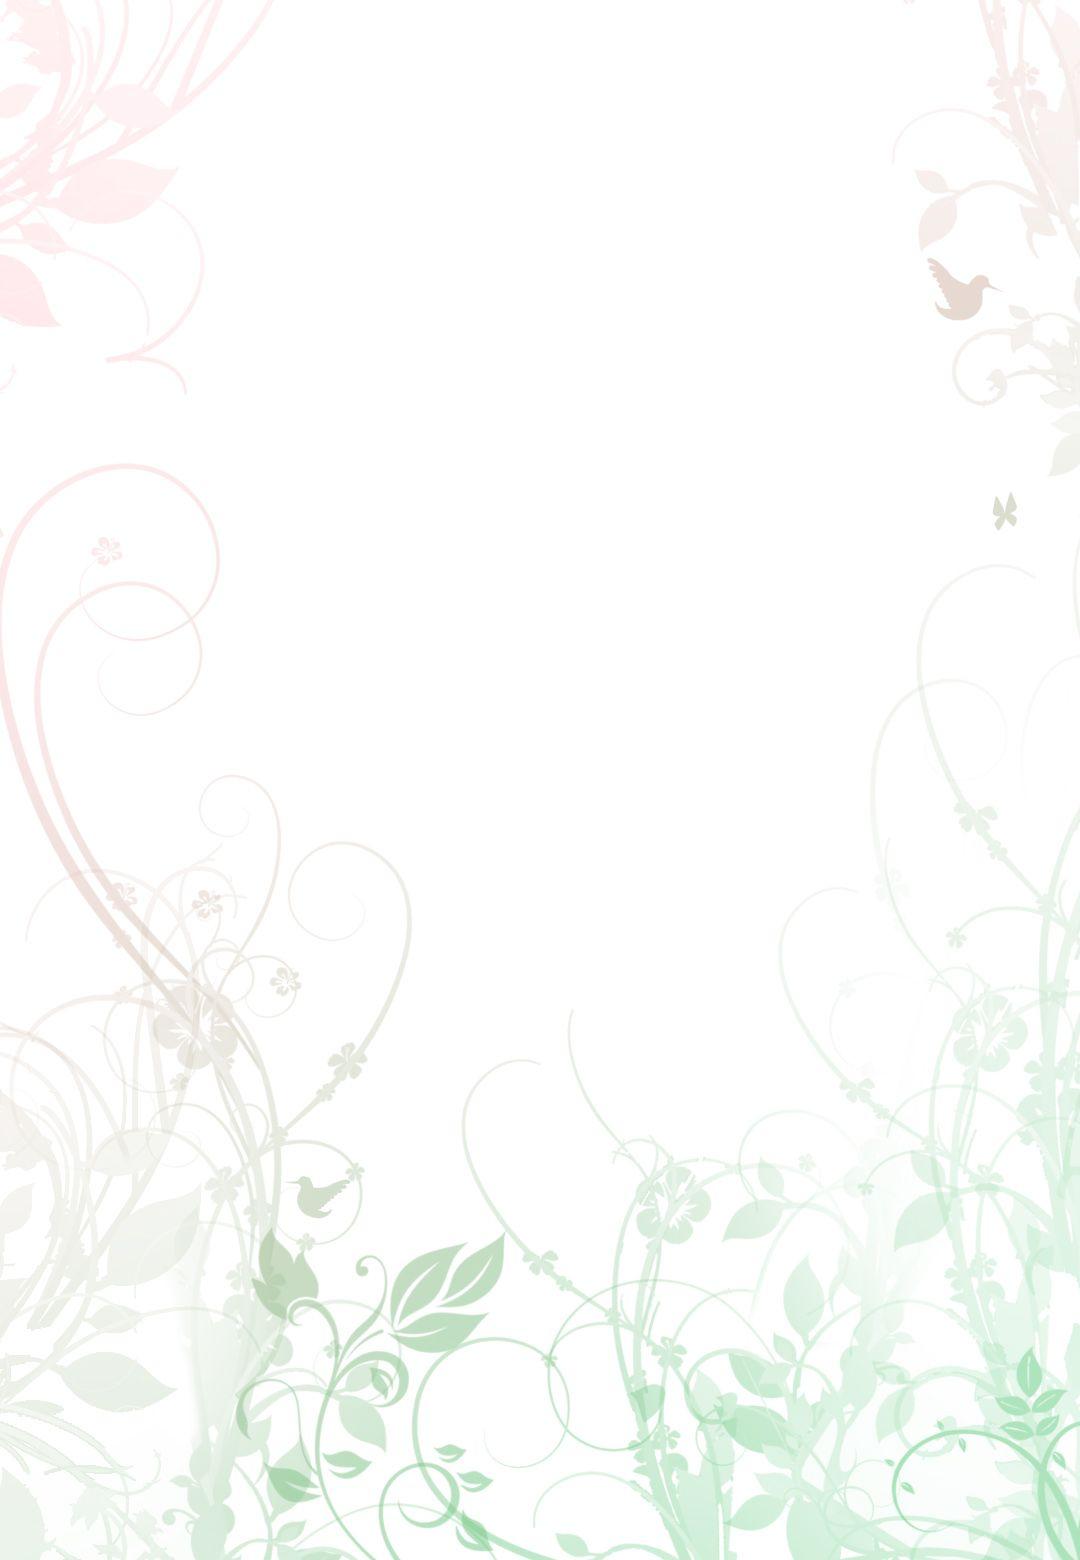 Free Printable Floral Invitation Invitation | event ideas ...